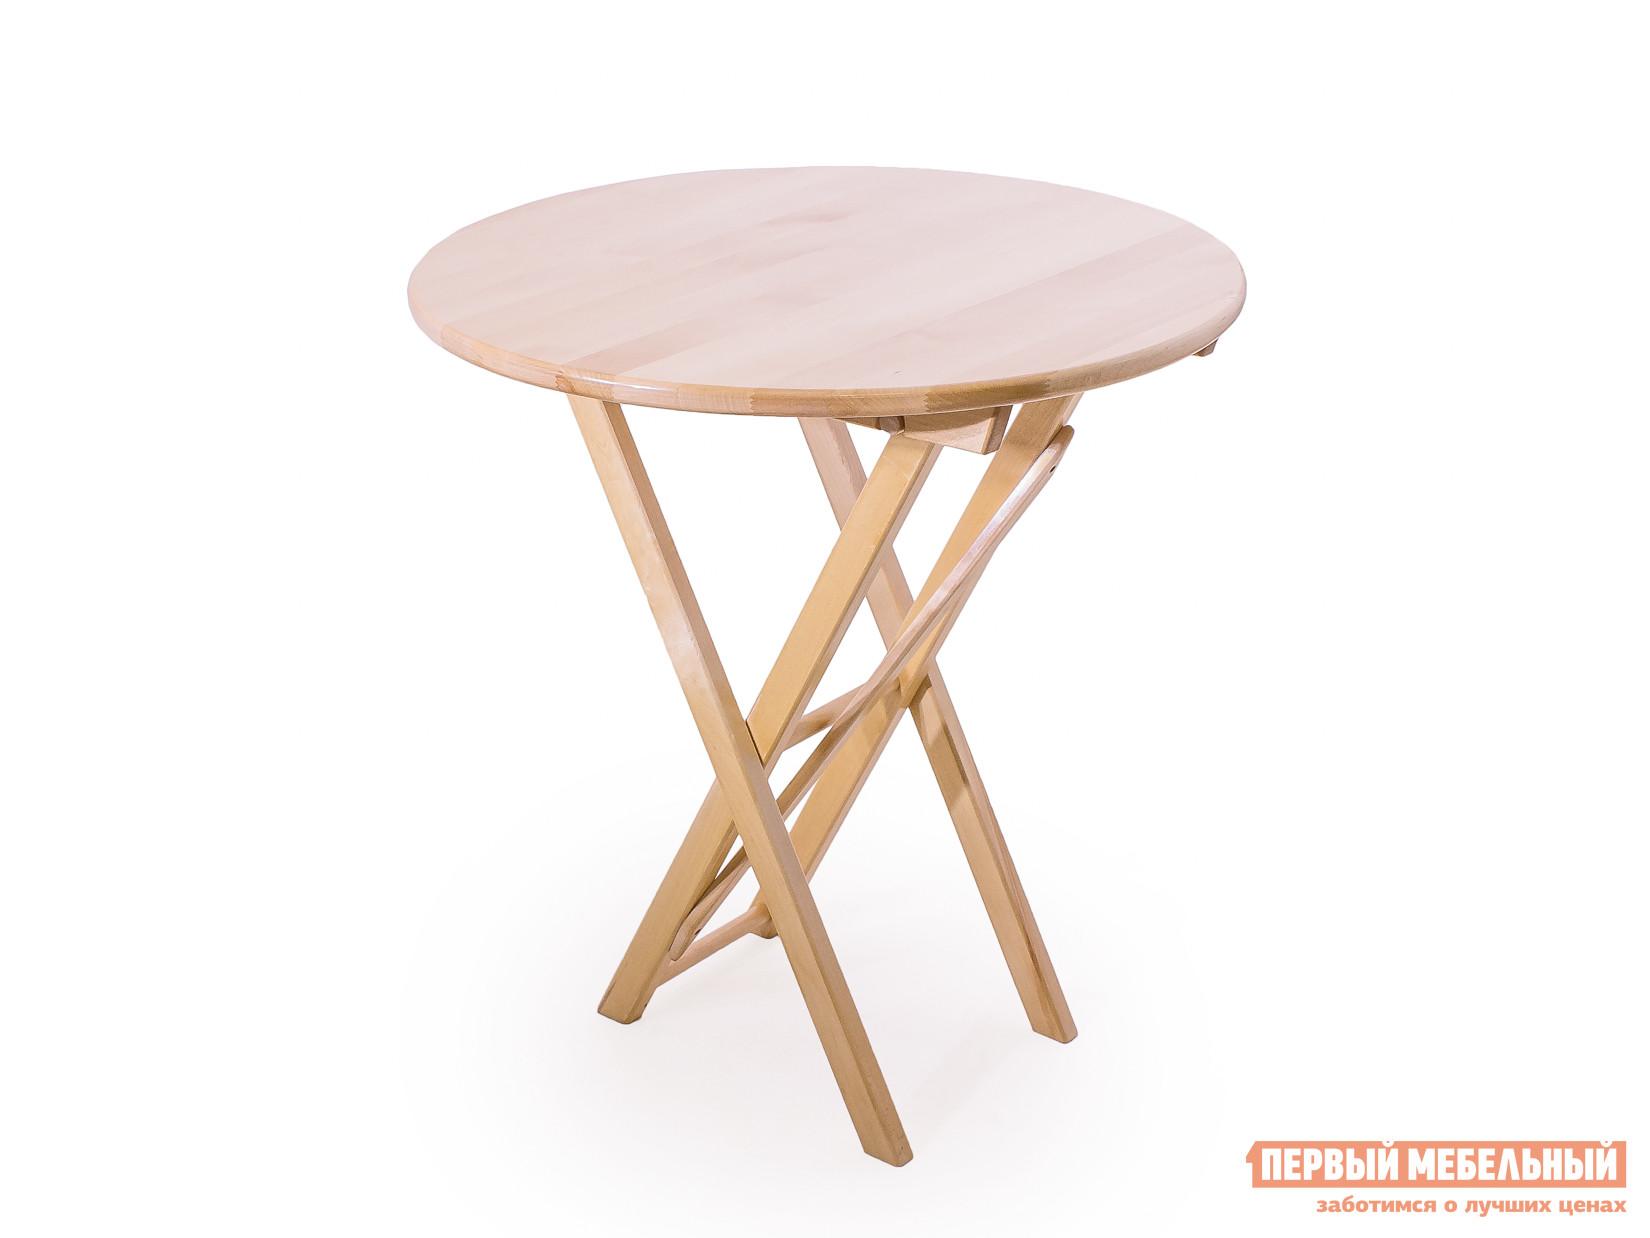 Садовый стол СМКА СМ012Б, СМ013Б Береза, 700 мм